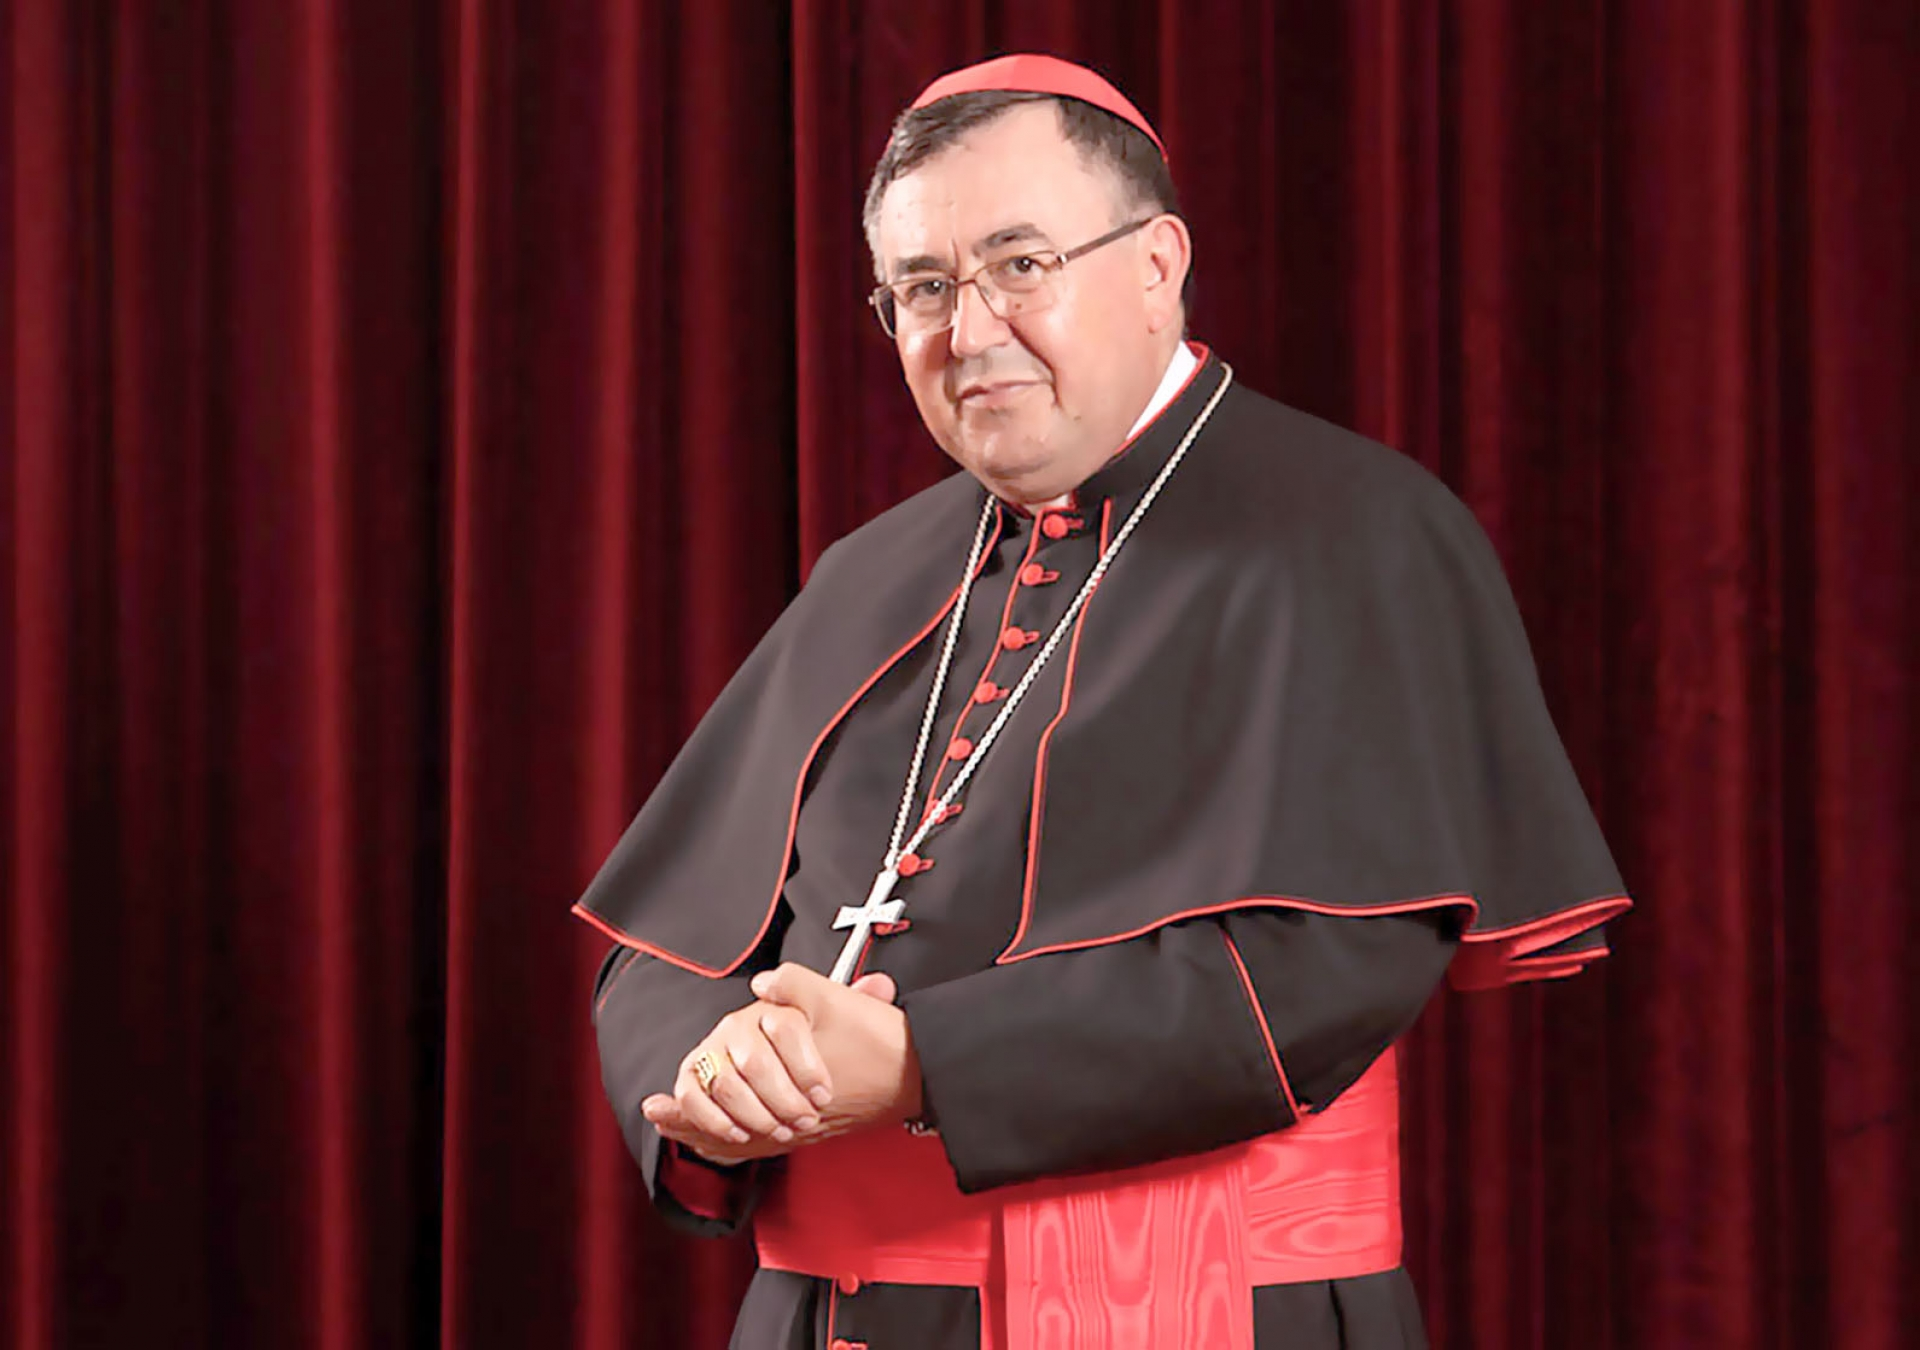 Kardinal Puljić: Temeljni izazov za vjernika je autentično življenje vjere